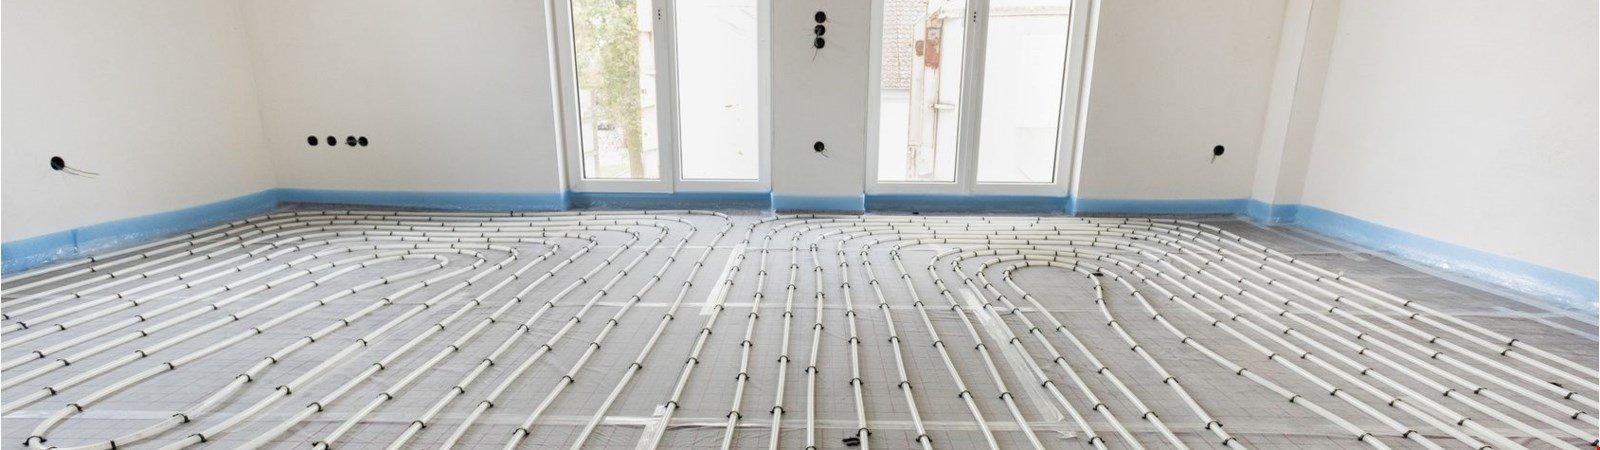 Fußbodenheizung Kosten in der Anschaffung und im Betrieb